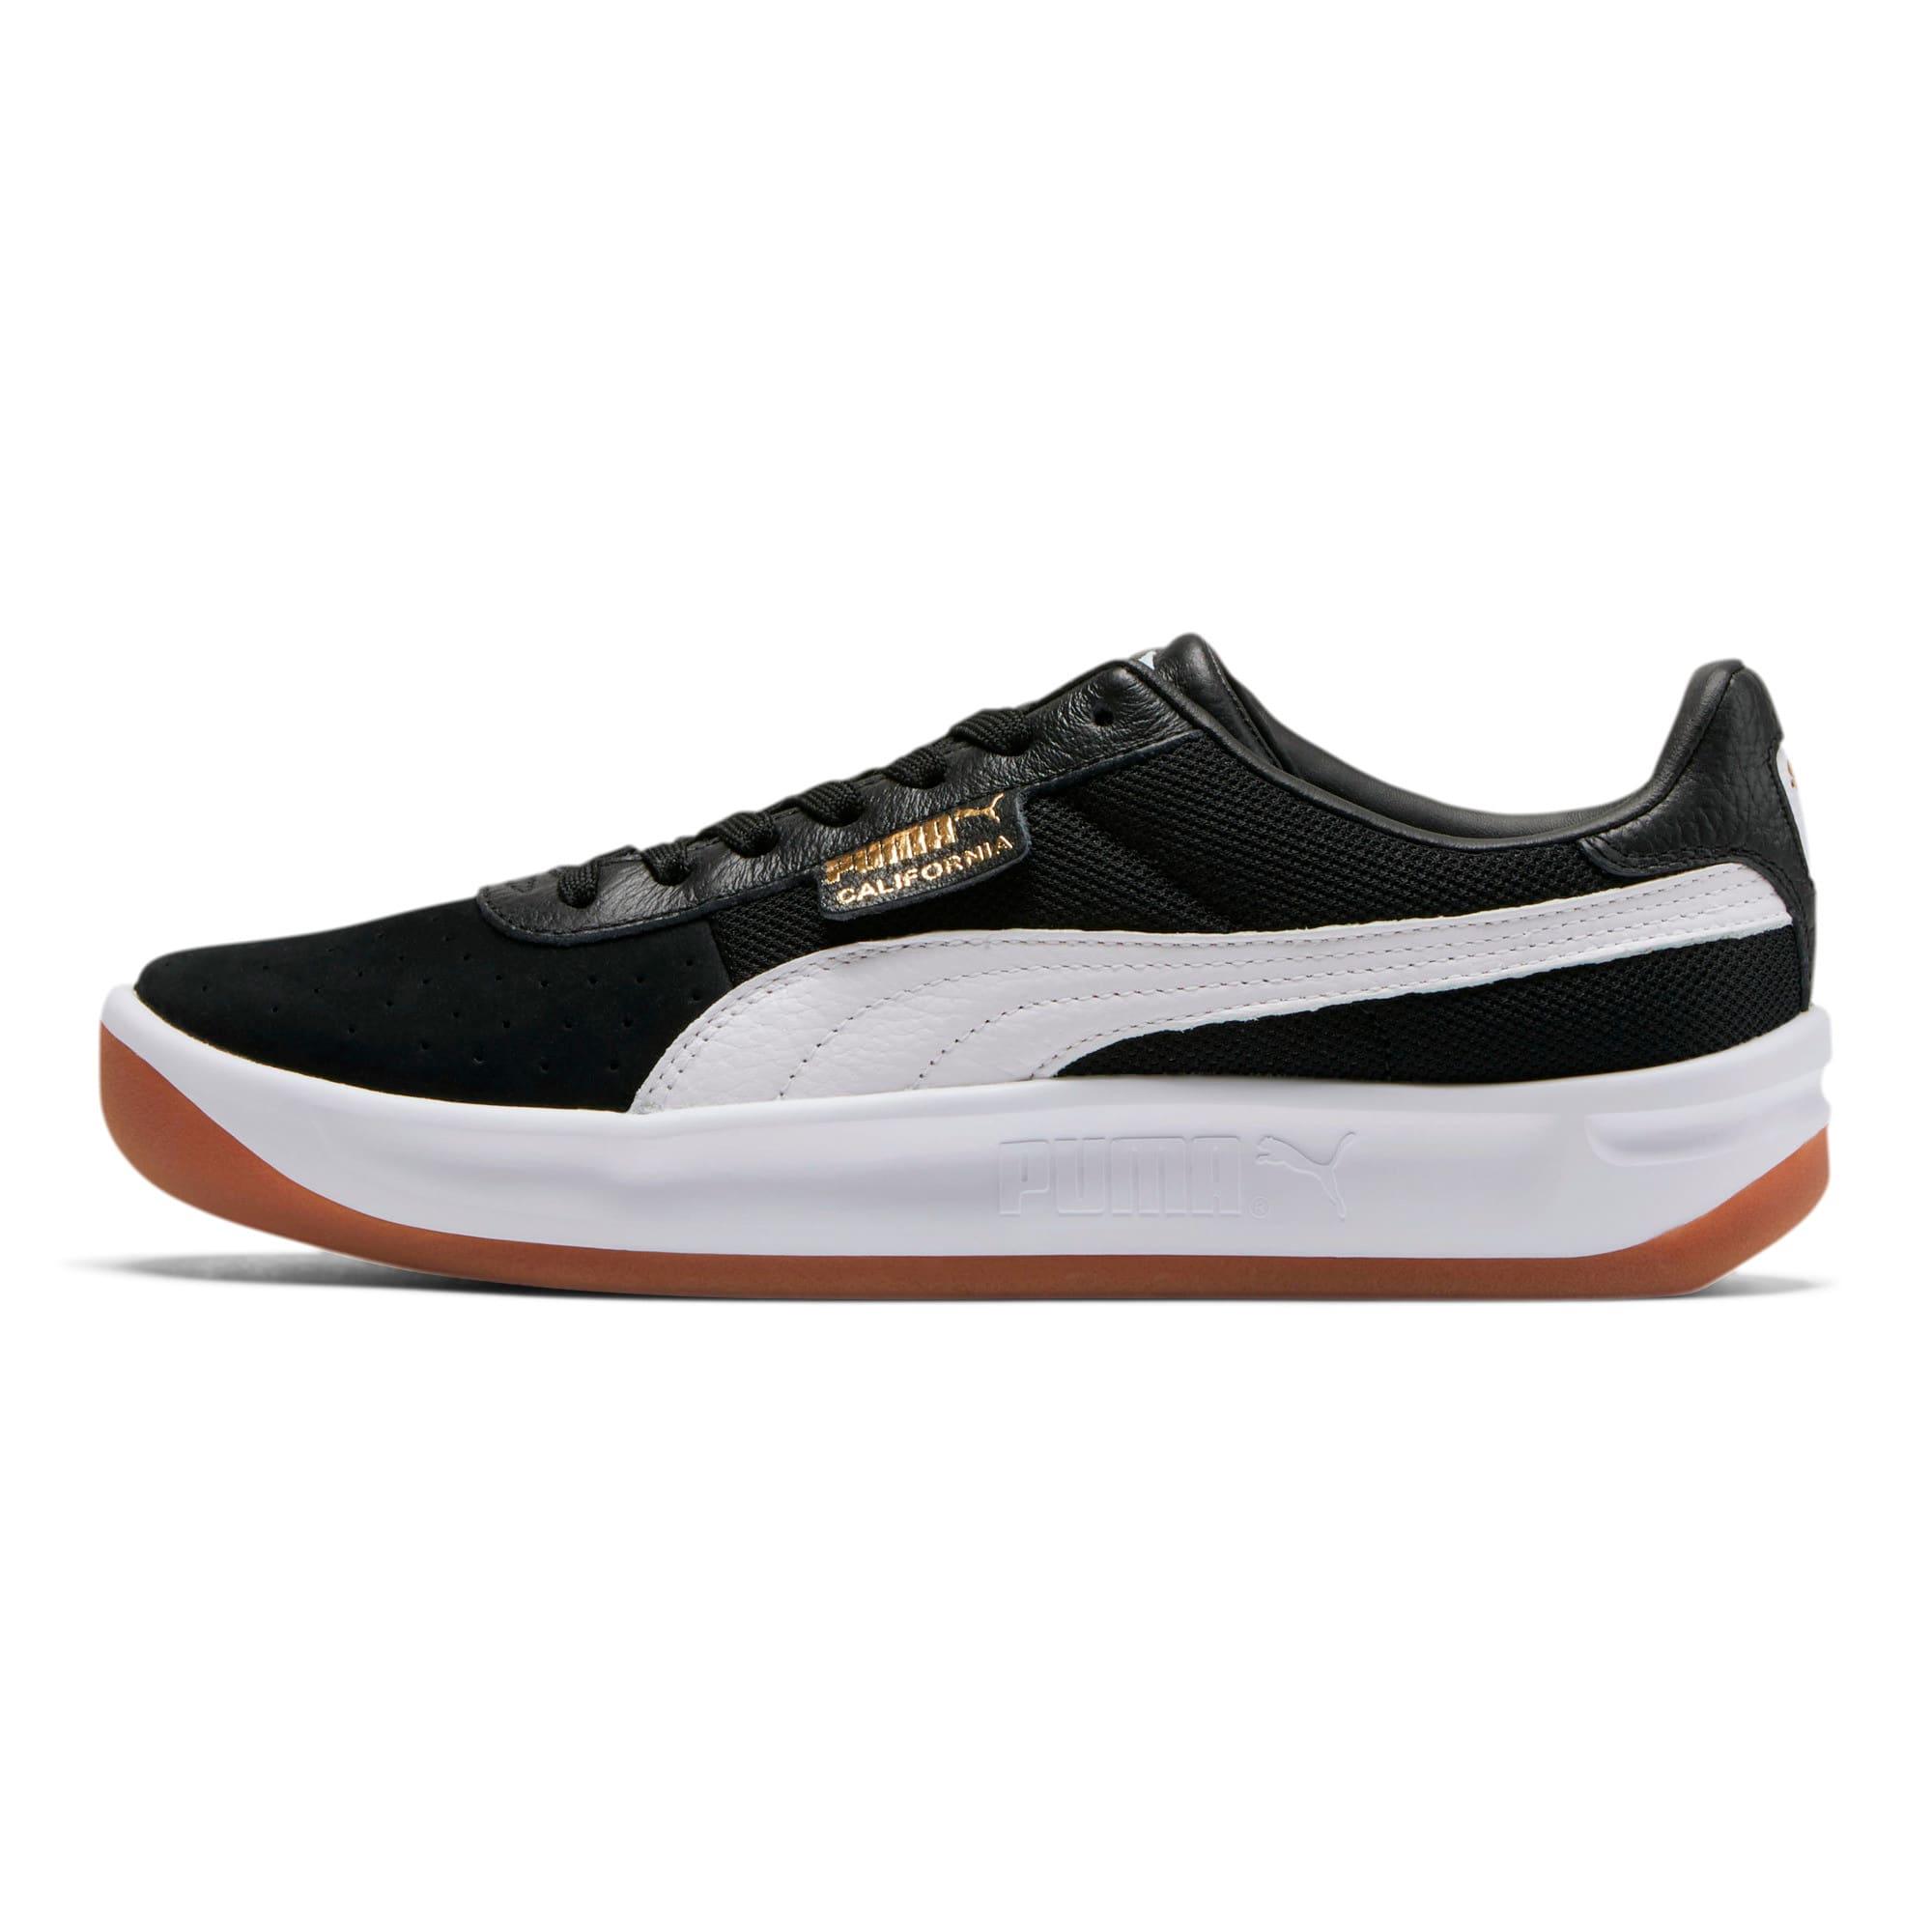 Miniatura 1 de Zapatos deportivosCalifornia Casual, Puma Black-Puma White, mediano